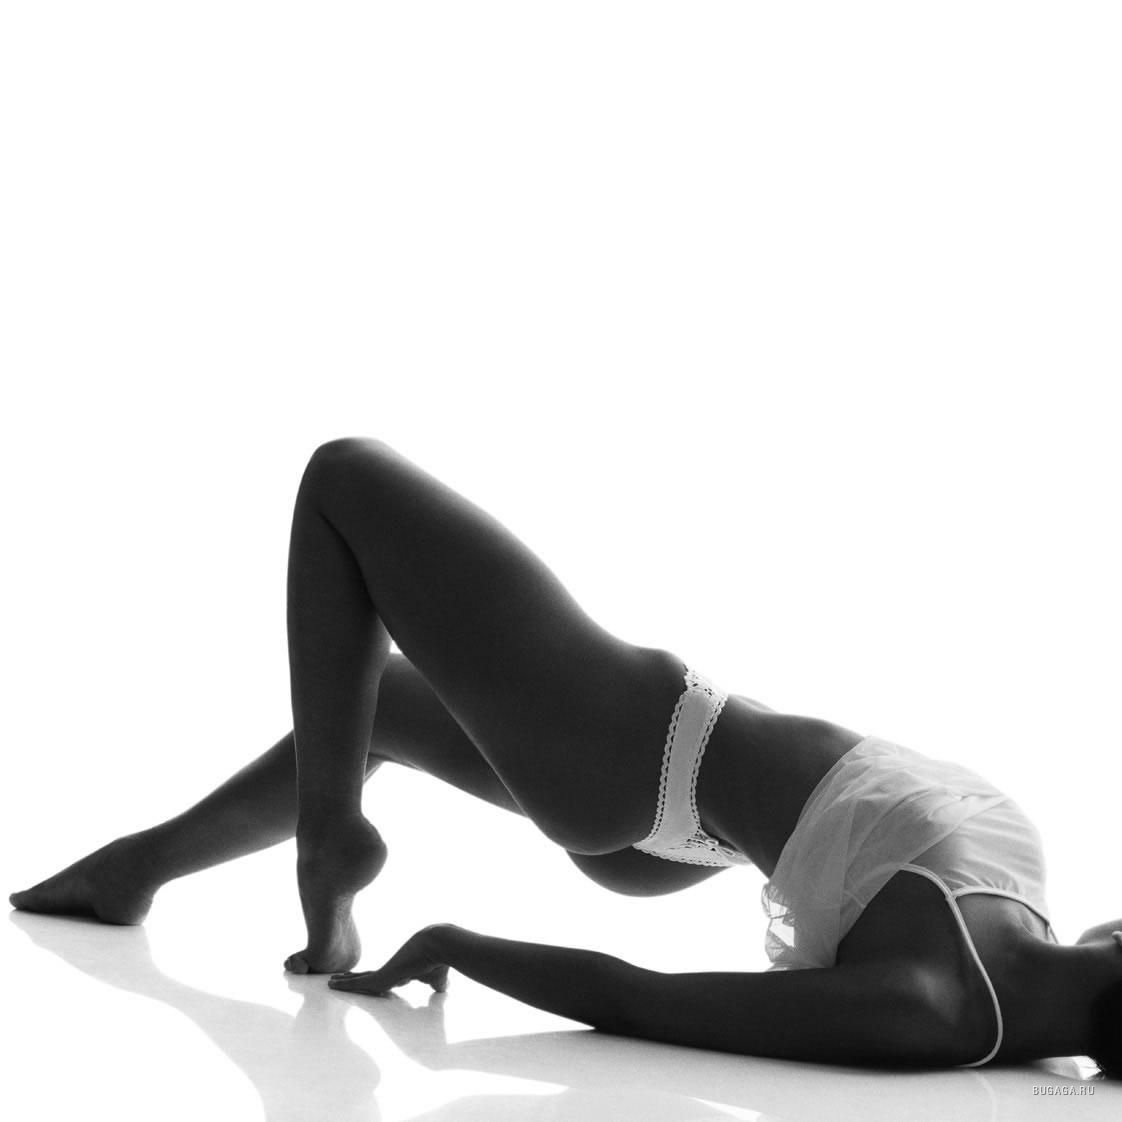 17 фото). Женское тело в красивом белье. Сексуально. Девочка на